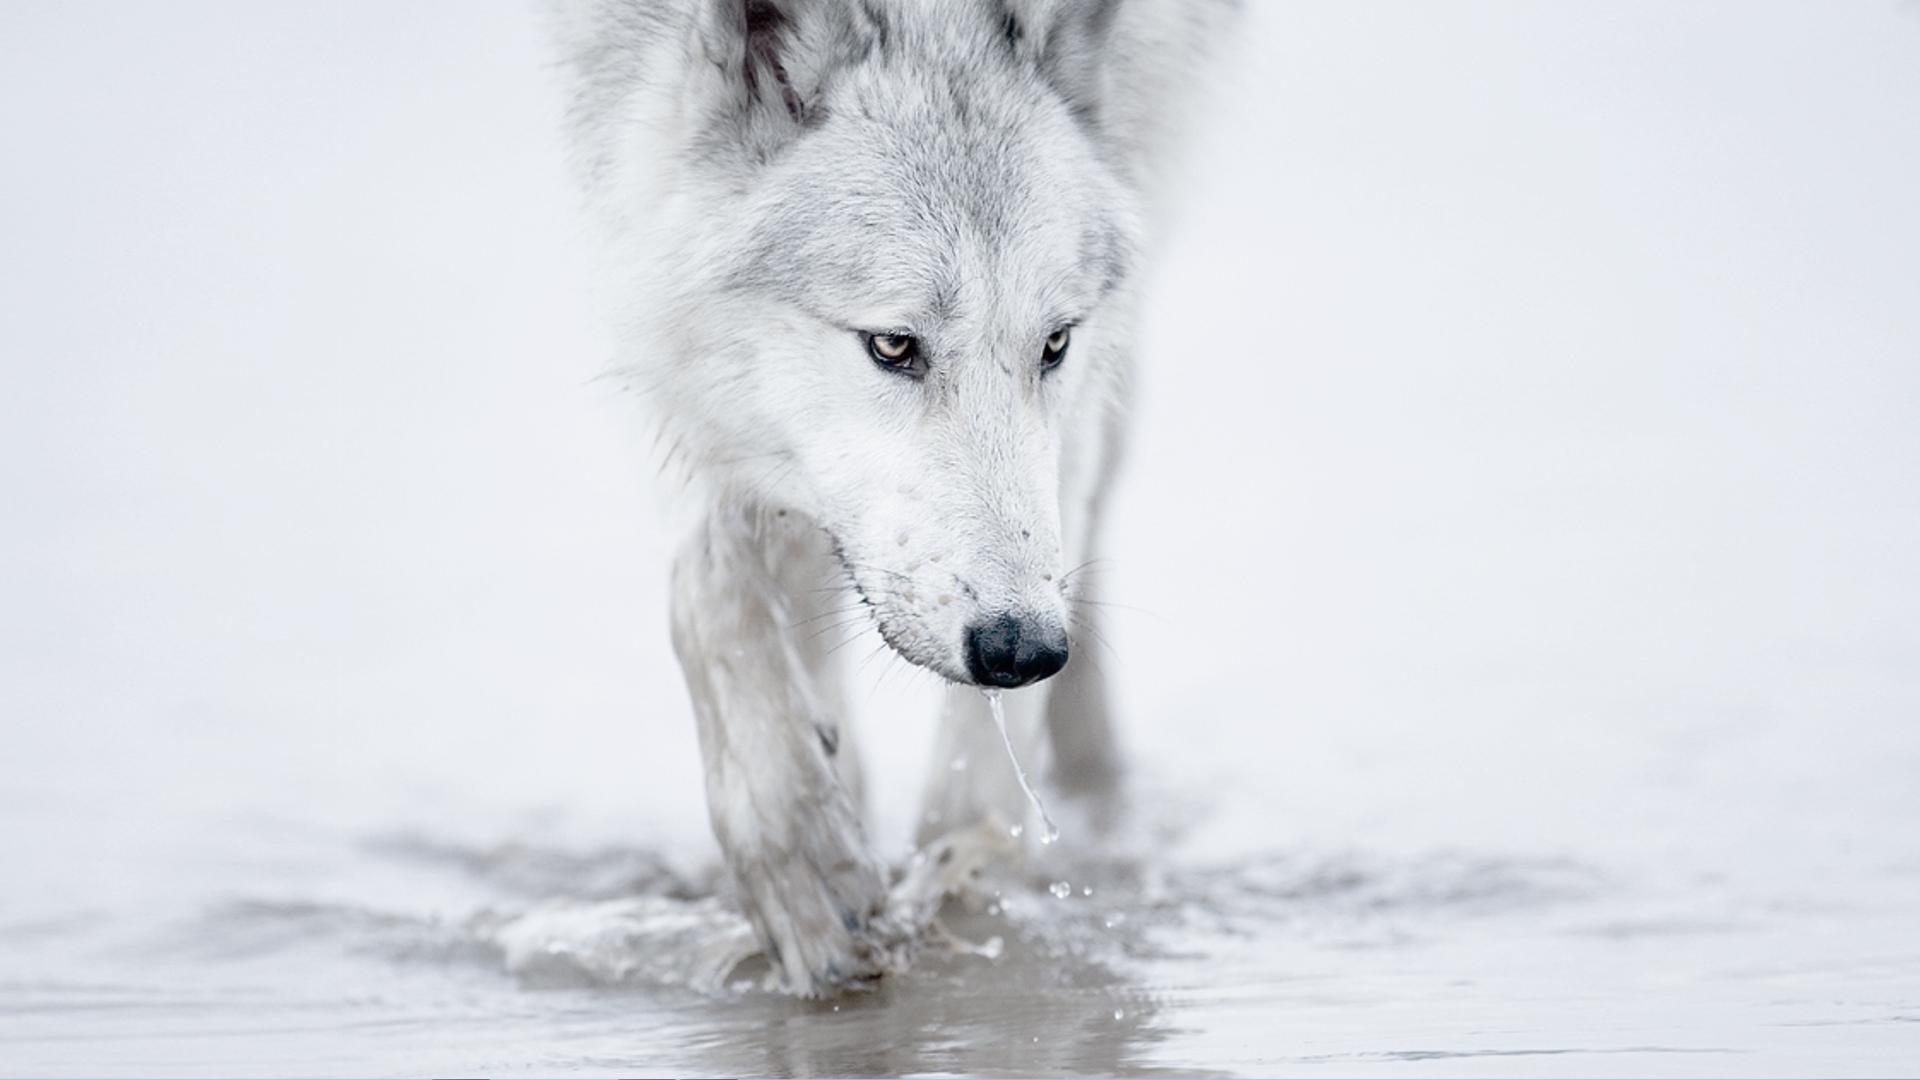 заставки на телефон скачать бесплатно волки